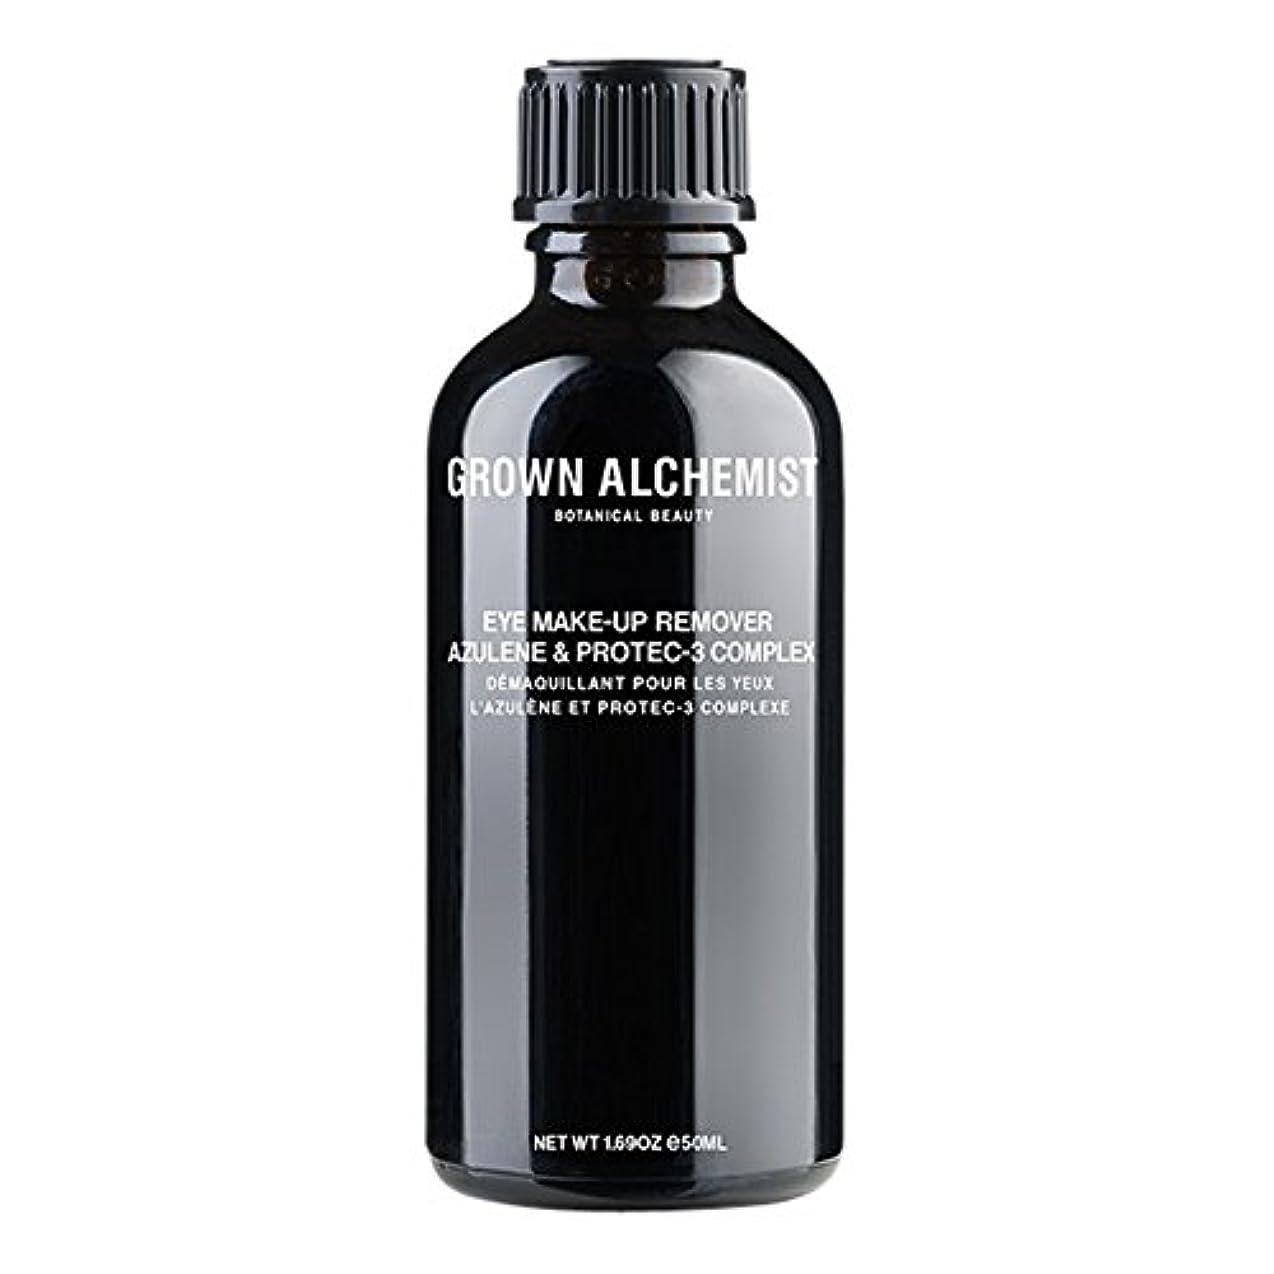 検出する背骨拳成長した錬金術師アズレン&Protec-3アイメイクアップリムーバーの50ミリリットル (Grown Alchemist) - Grown Alchemist Azulene & Protec-3 Eye-Makeup...